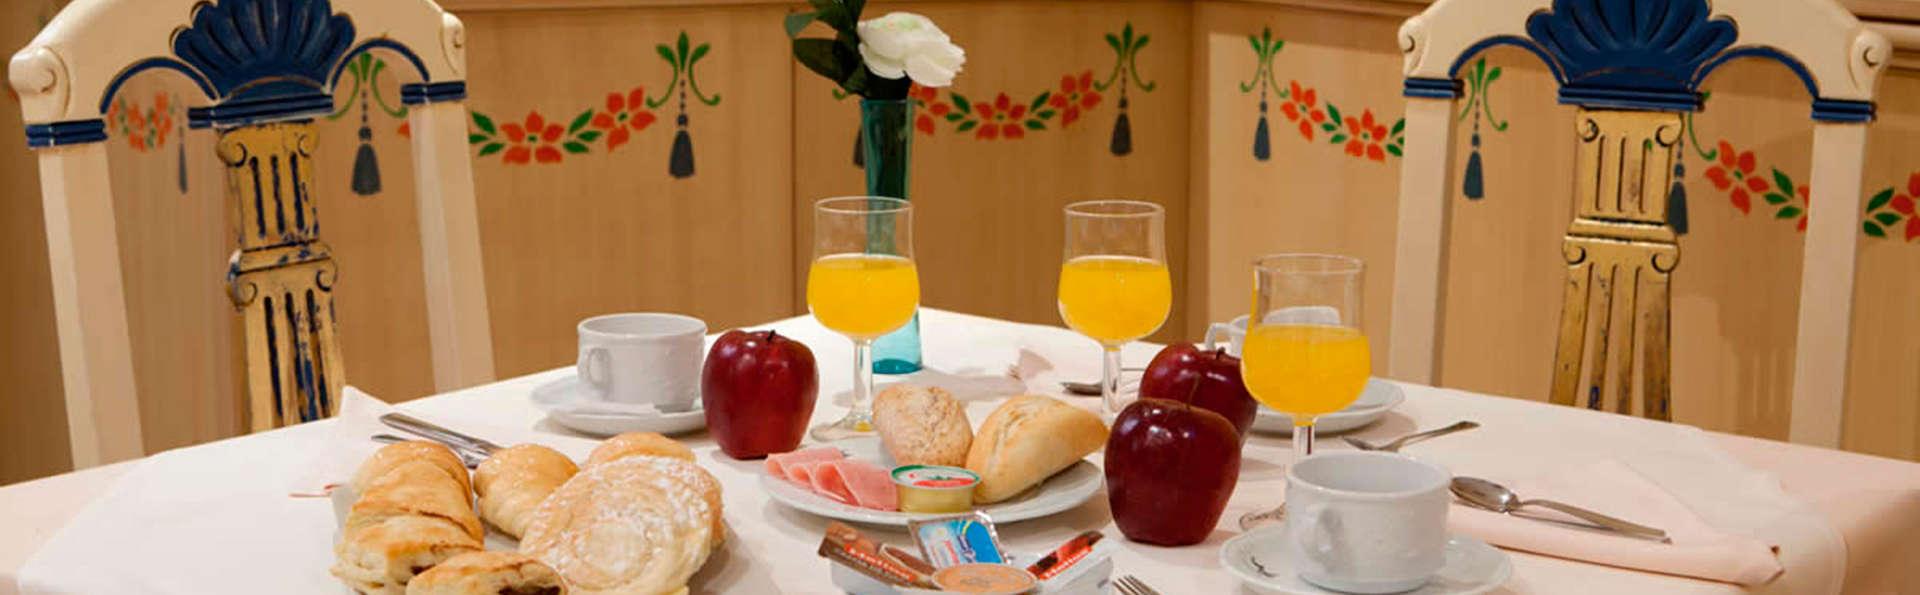 Hotel Casona de la Reyna - EDIT_breakfast.jpg